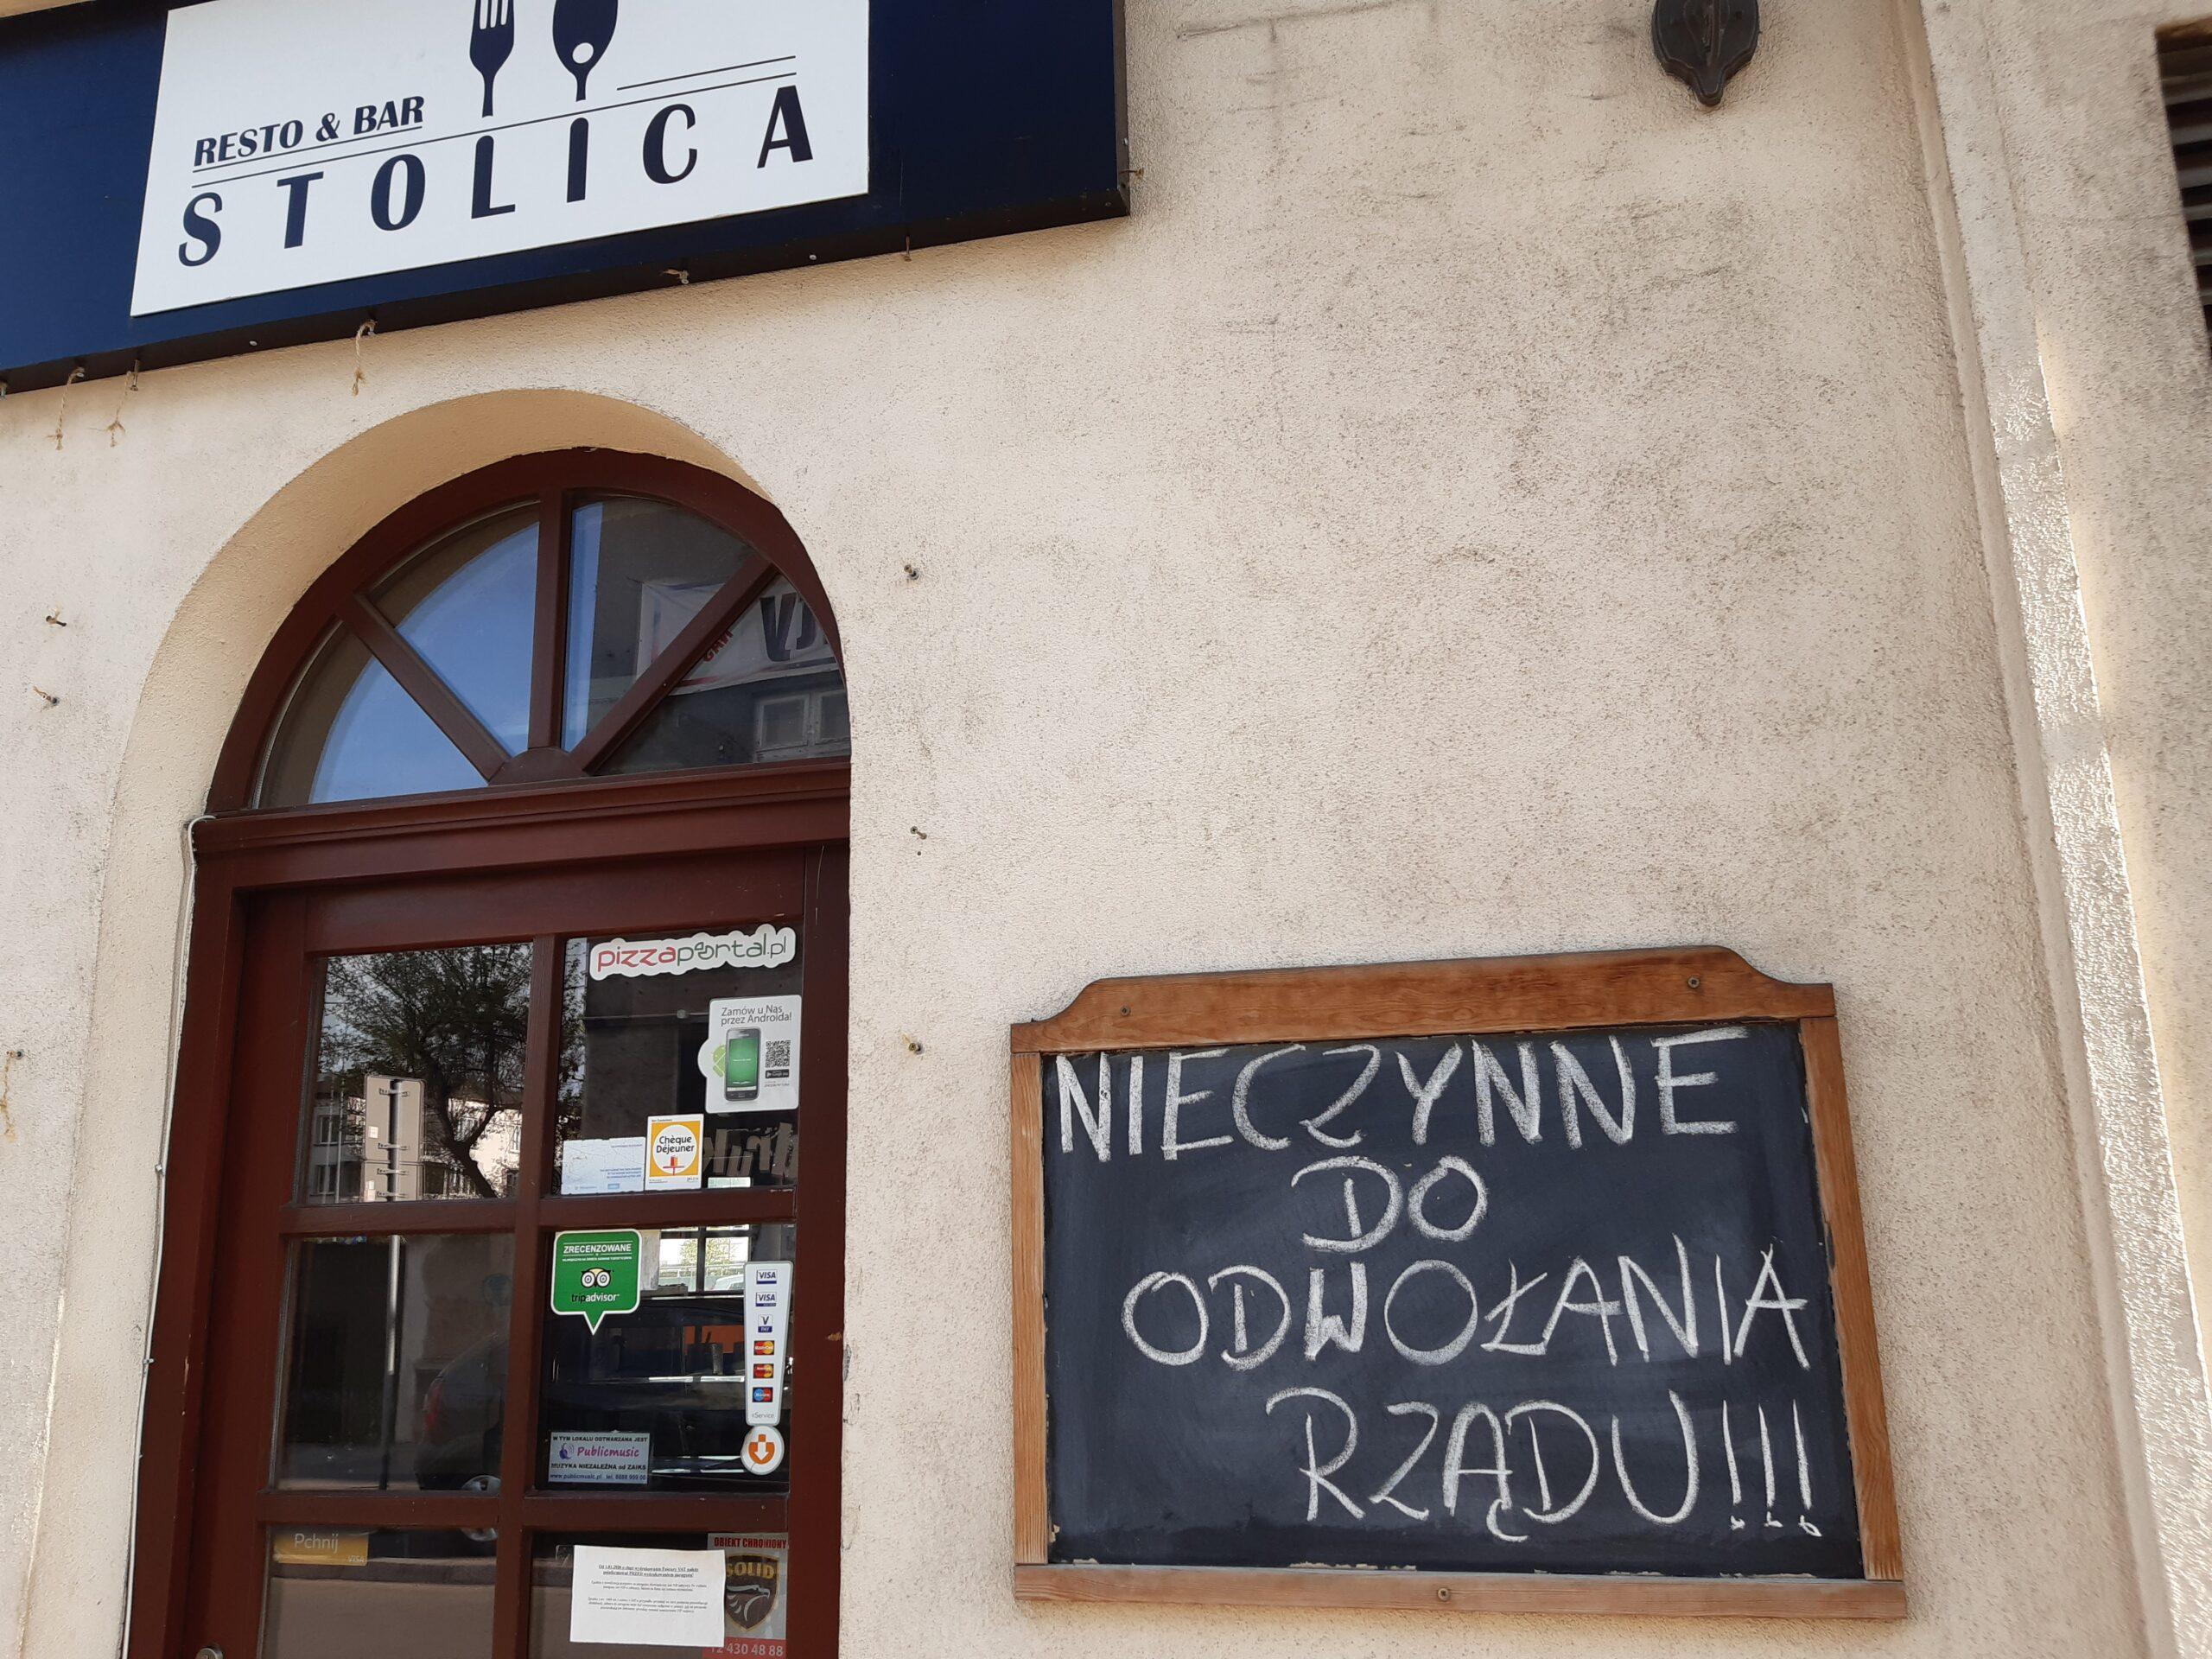 Nieoficjalnie: będzie regionalizacja obostrzeń! Surowszy rygor ominie Małopolskę?